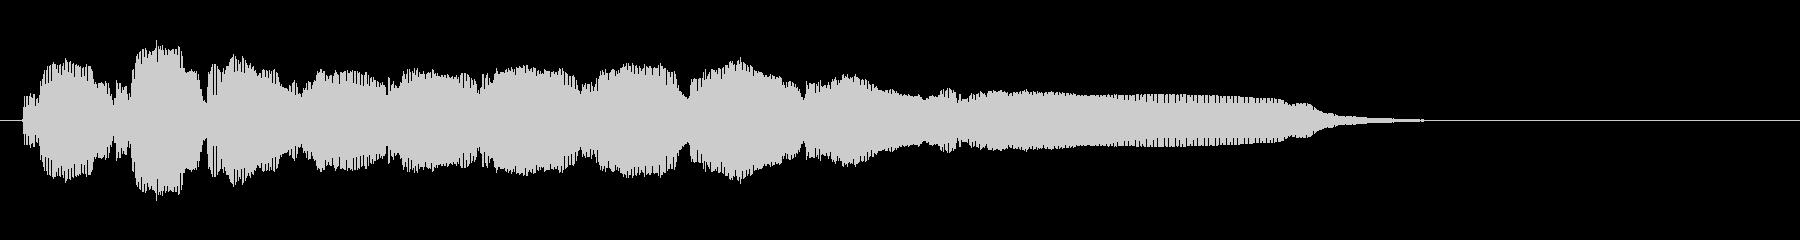 エレキギター4弦チューニング2リバーブの未再生の波形